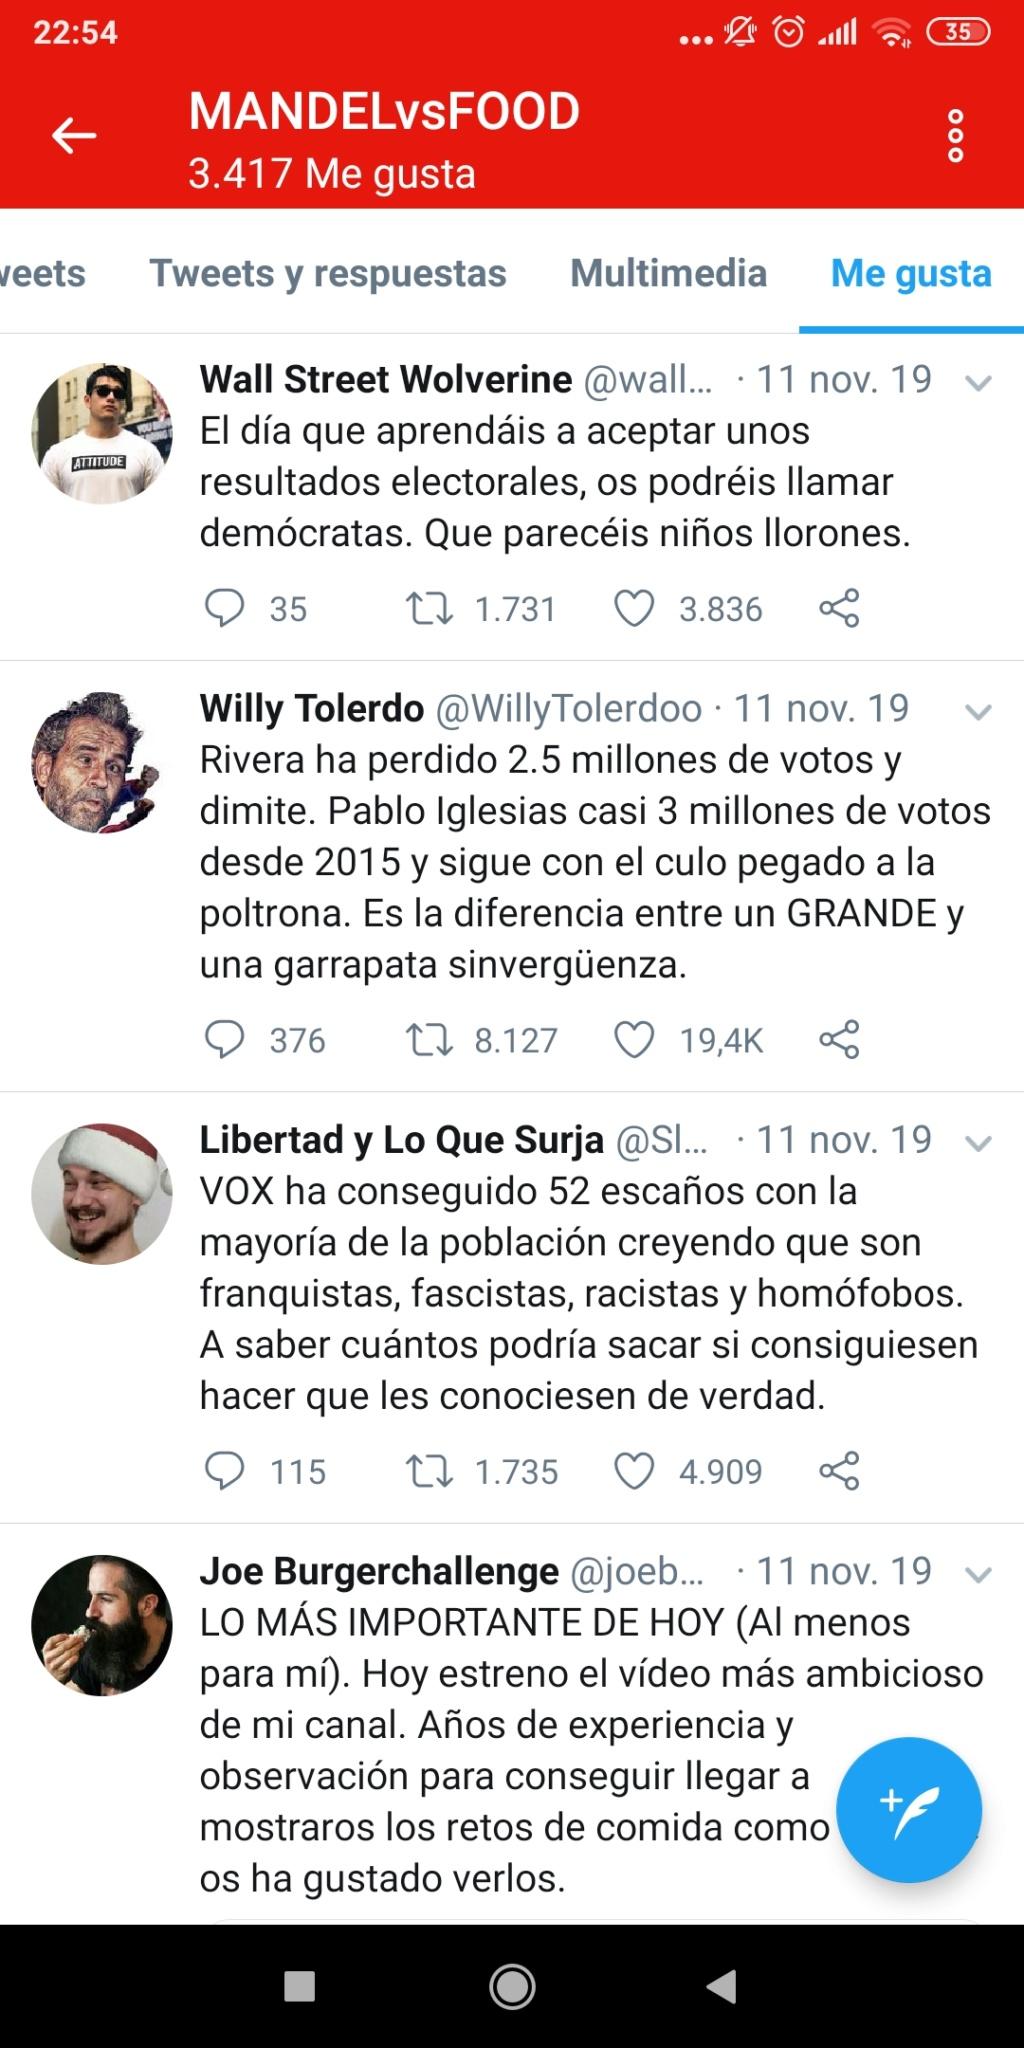 Joe burgerchallengue, Sezar Blue, Mandel vs food....Crónicas carnívoras in Spain - Página 2 Screen10